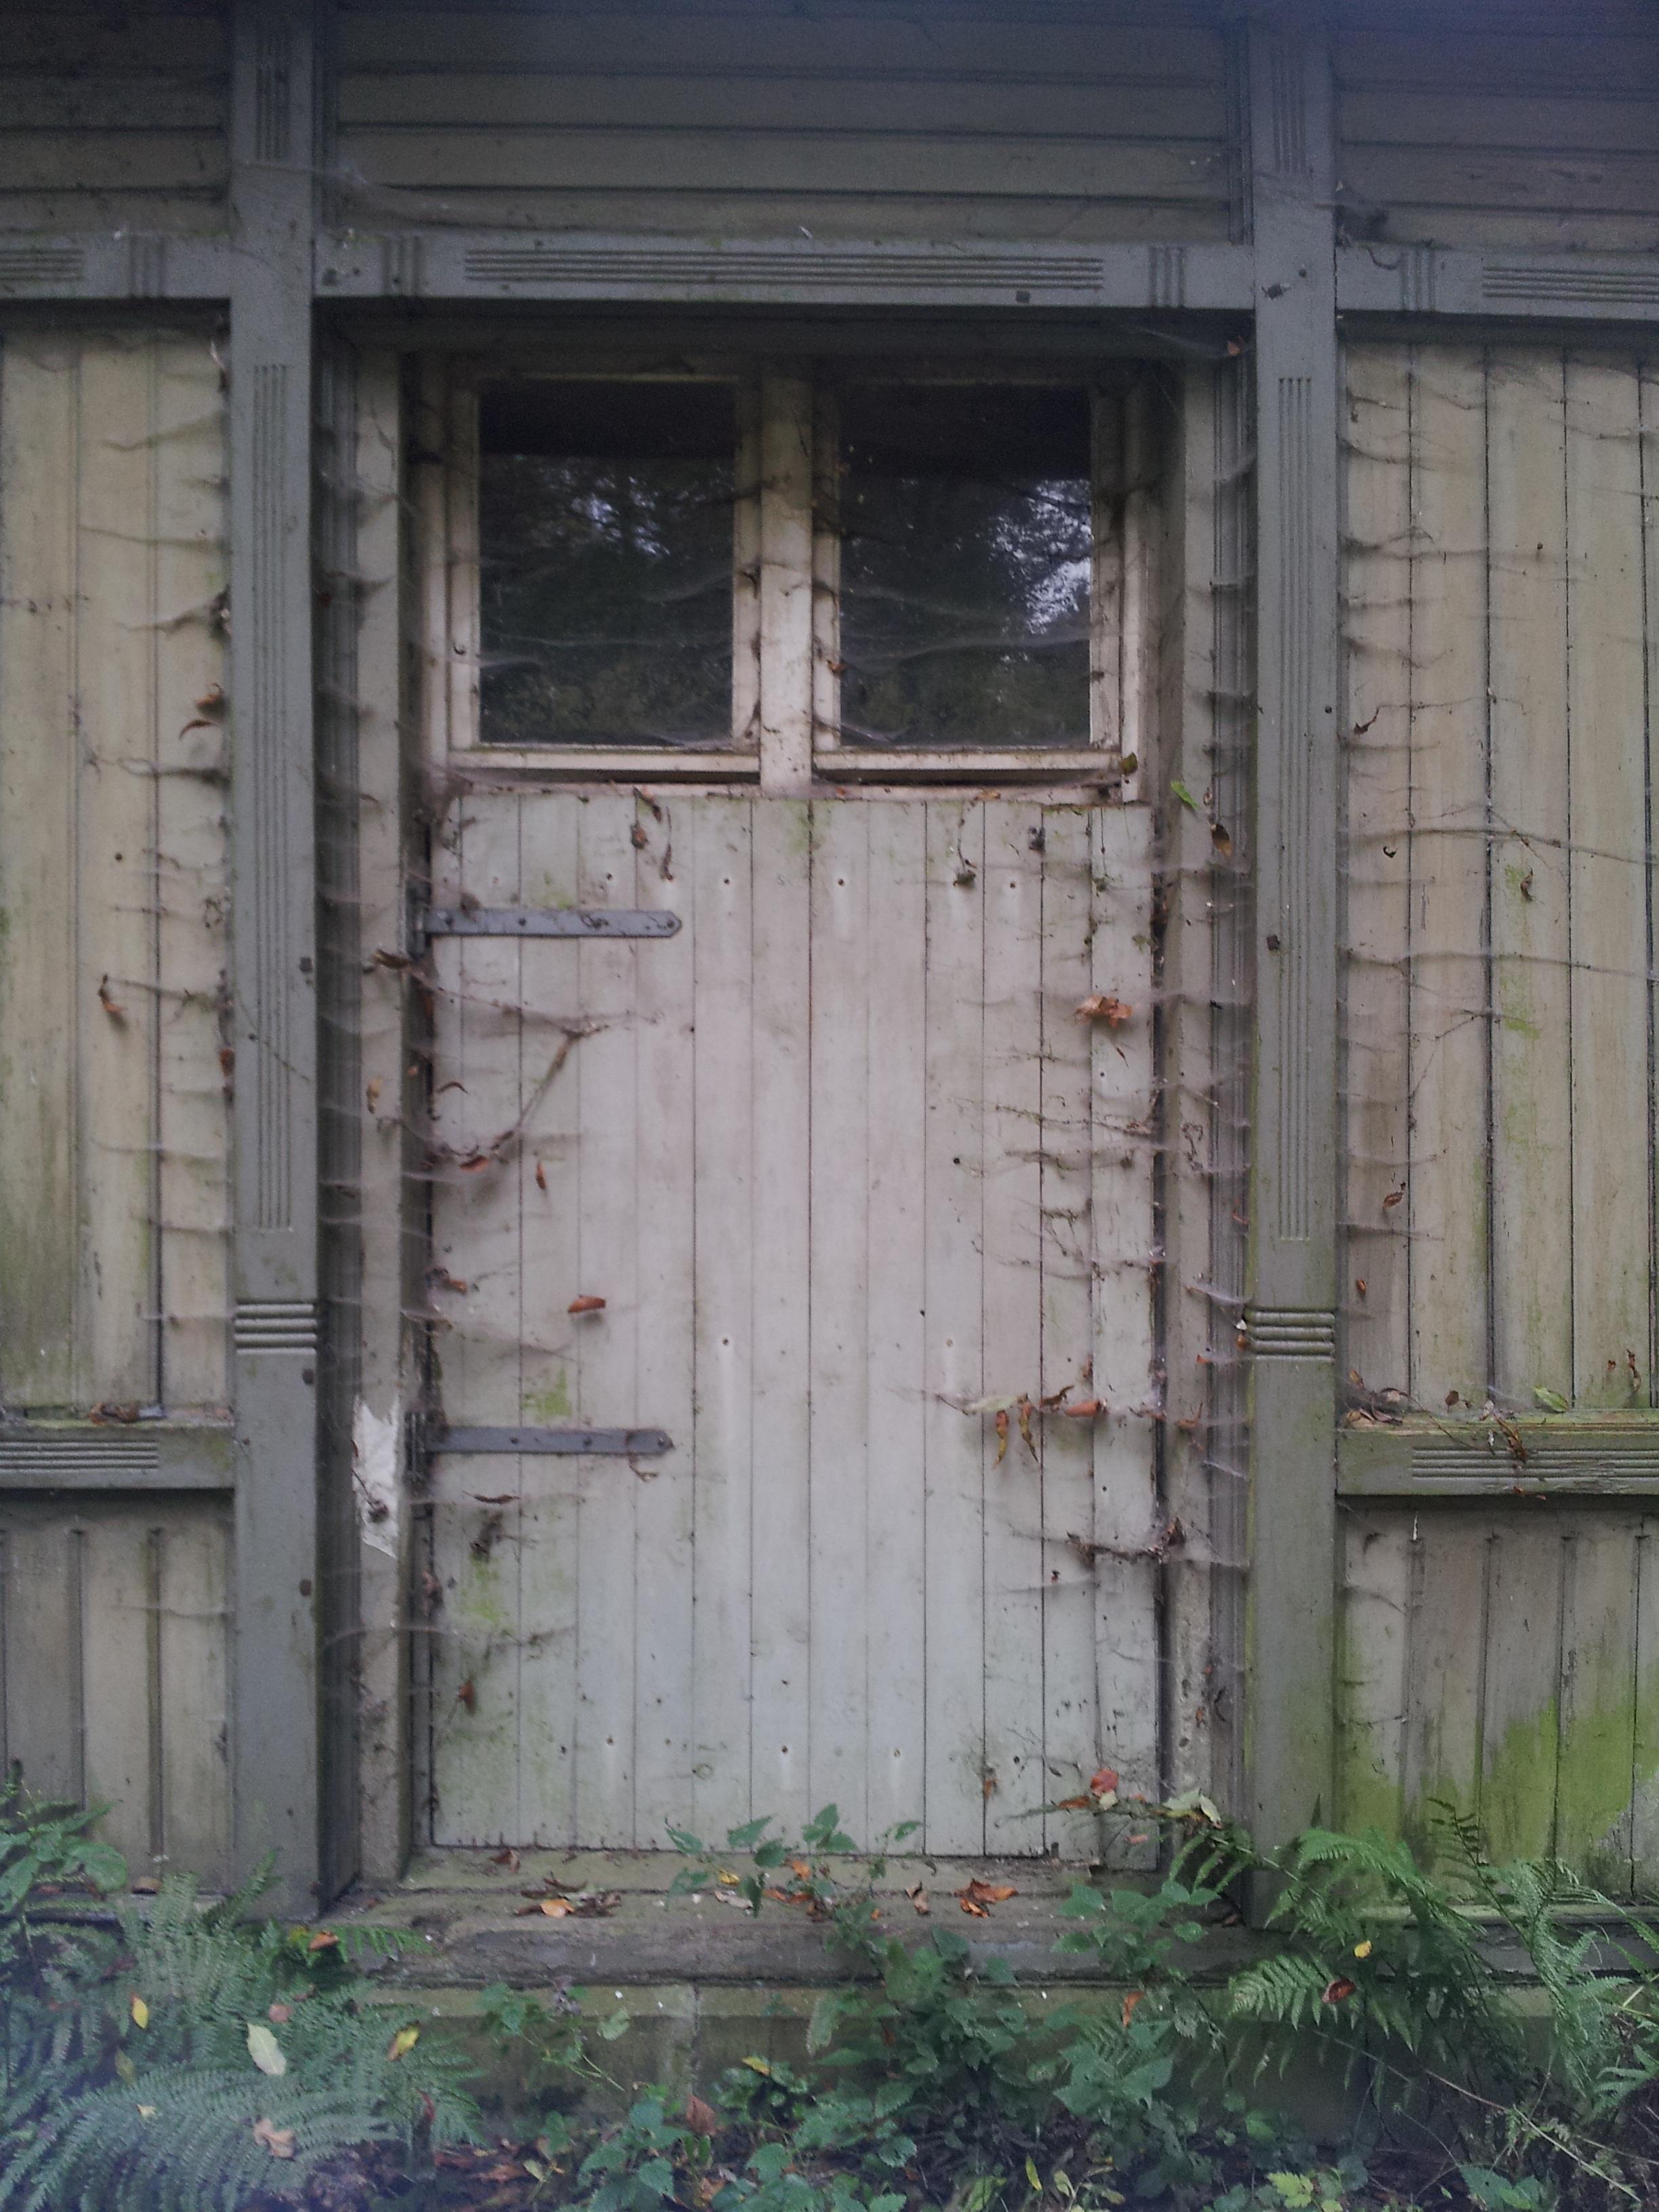 Vieux Portail En Bois images gratuites : clôture, architecture, bois, fenêtre